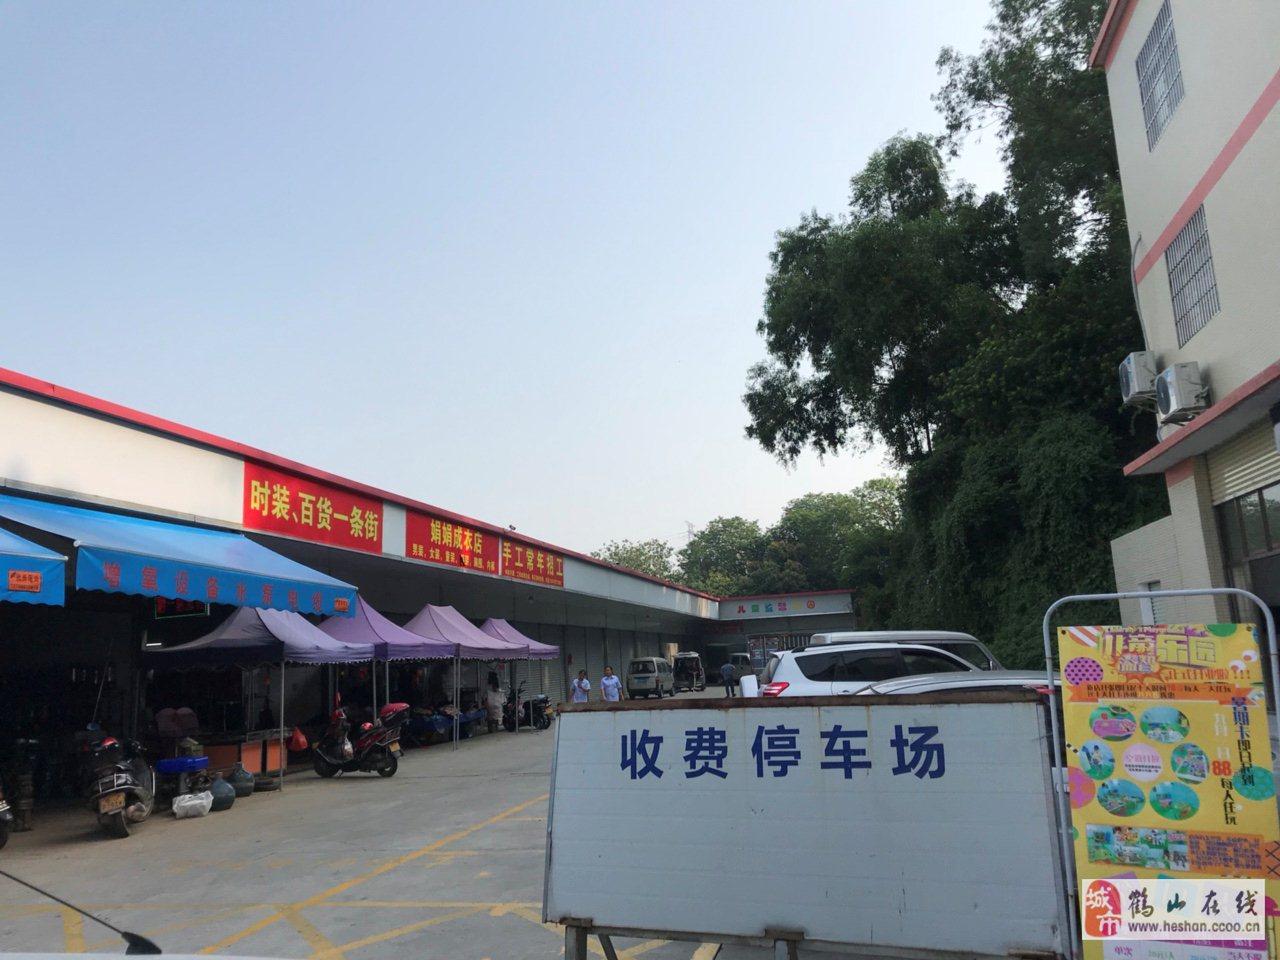 雅瑶市场附近出现不文明现象